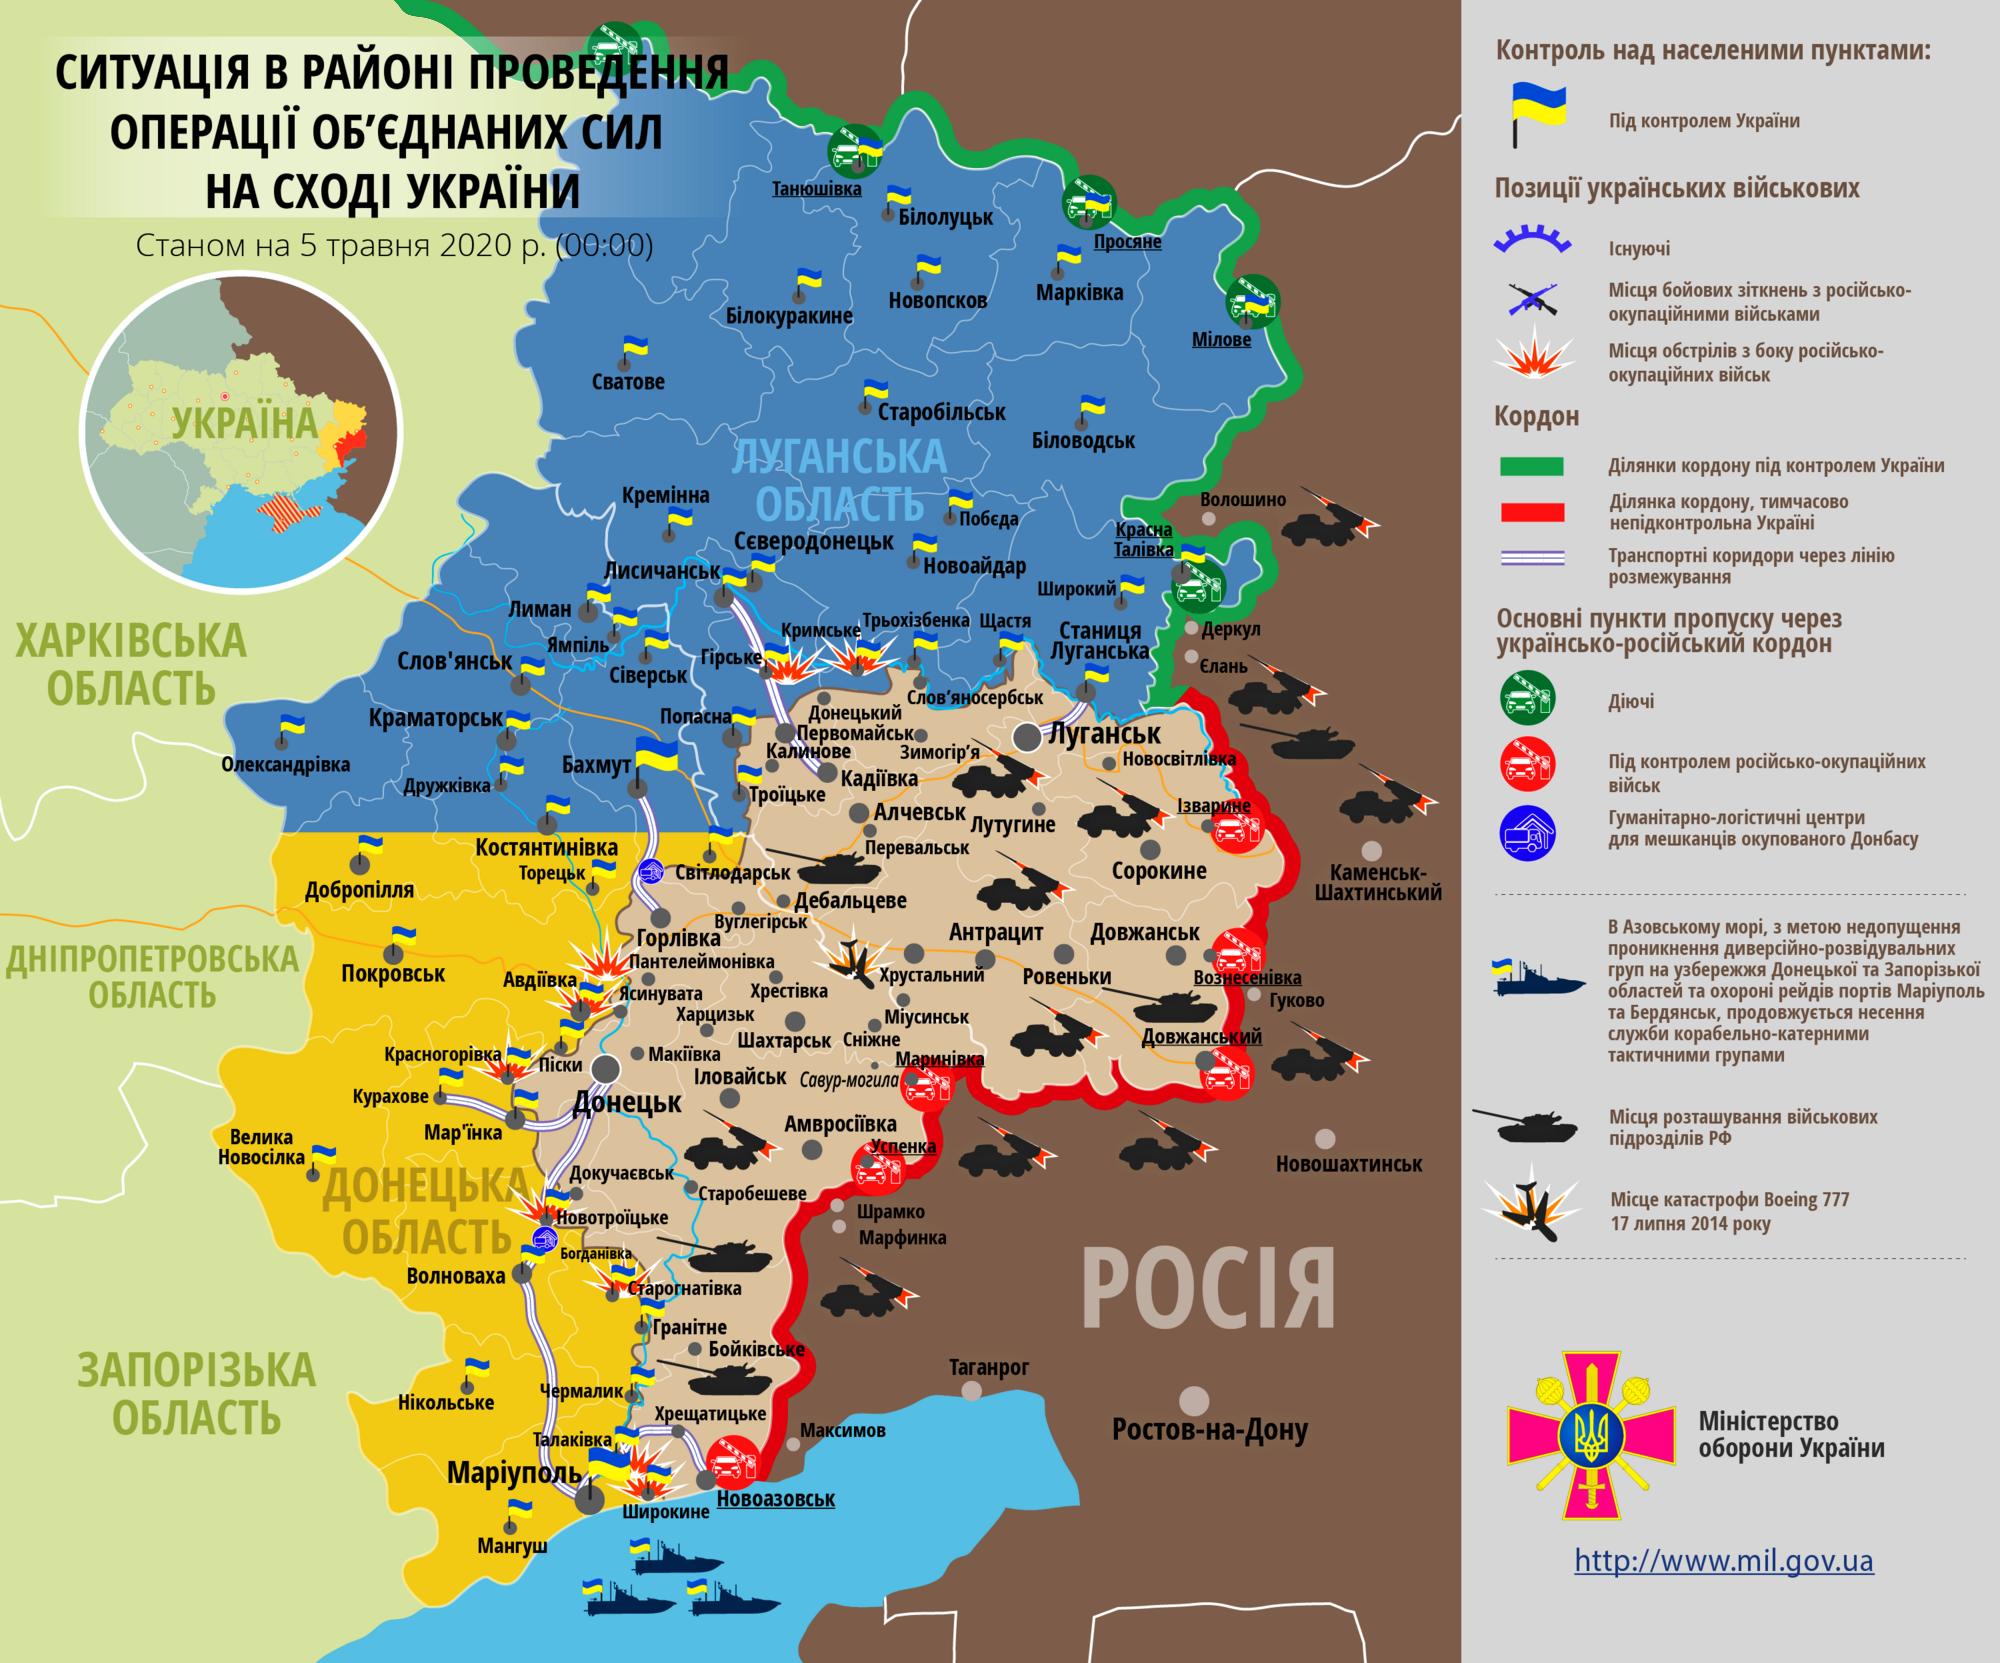 Ситуація в зоні проведення ООС на Донбасі 5 травня